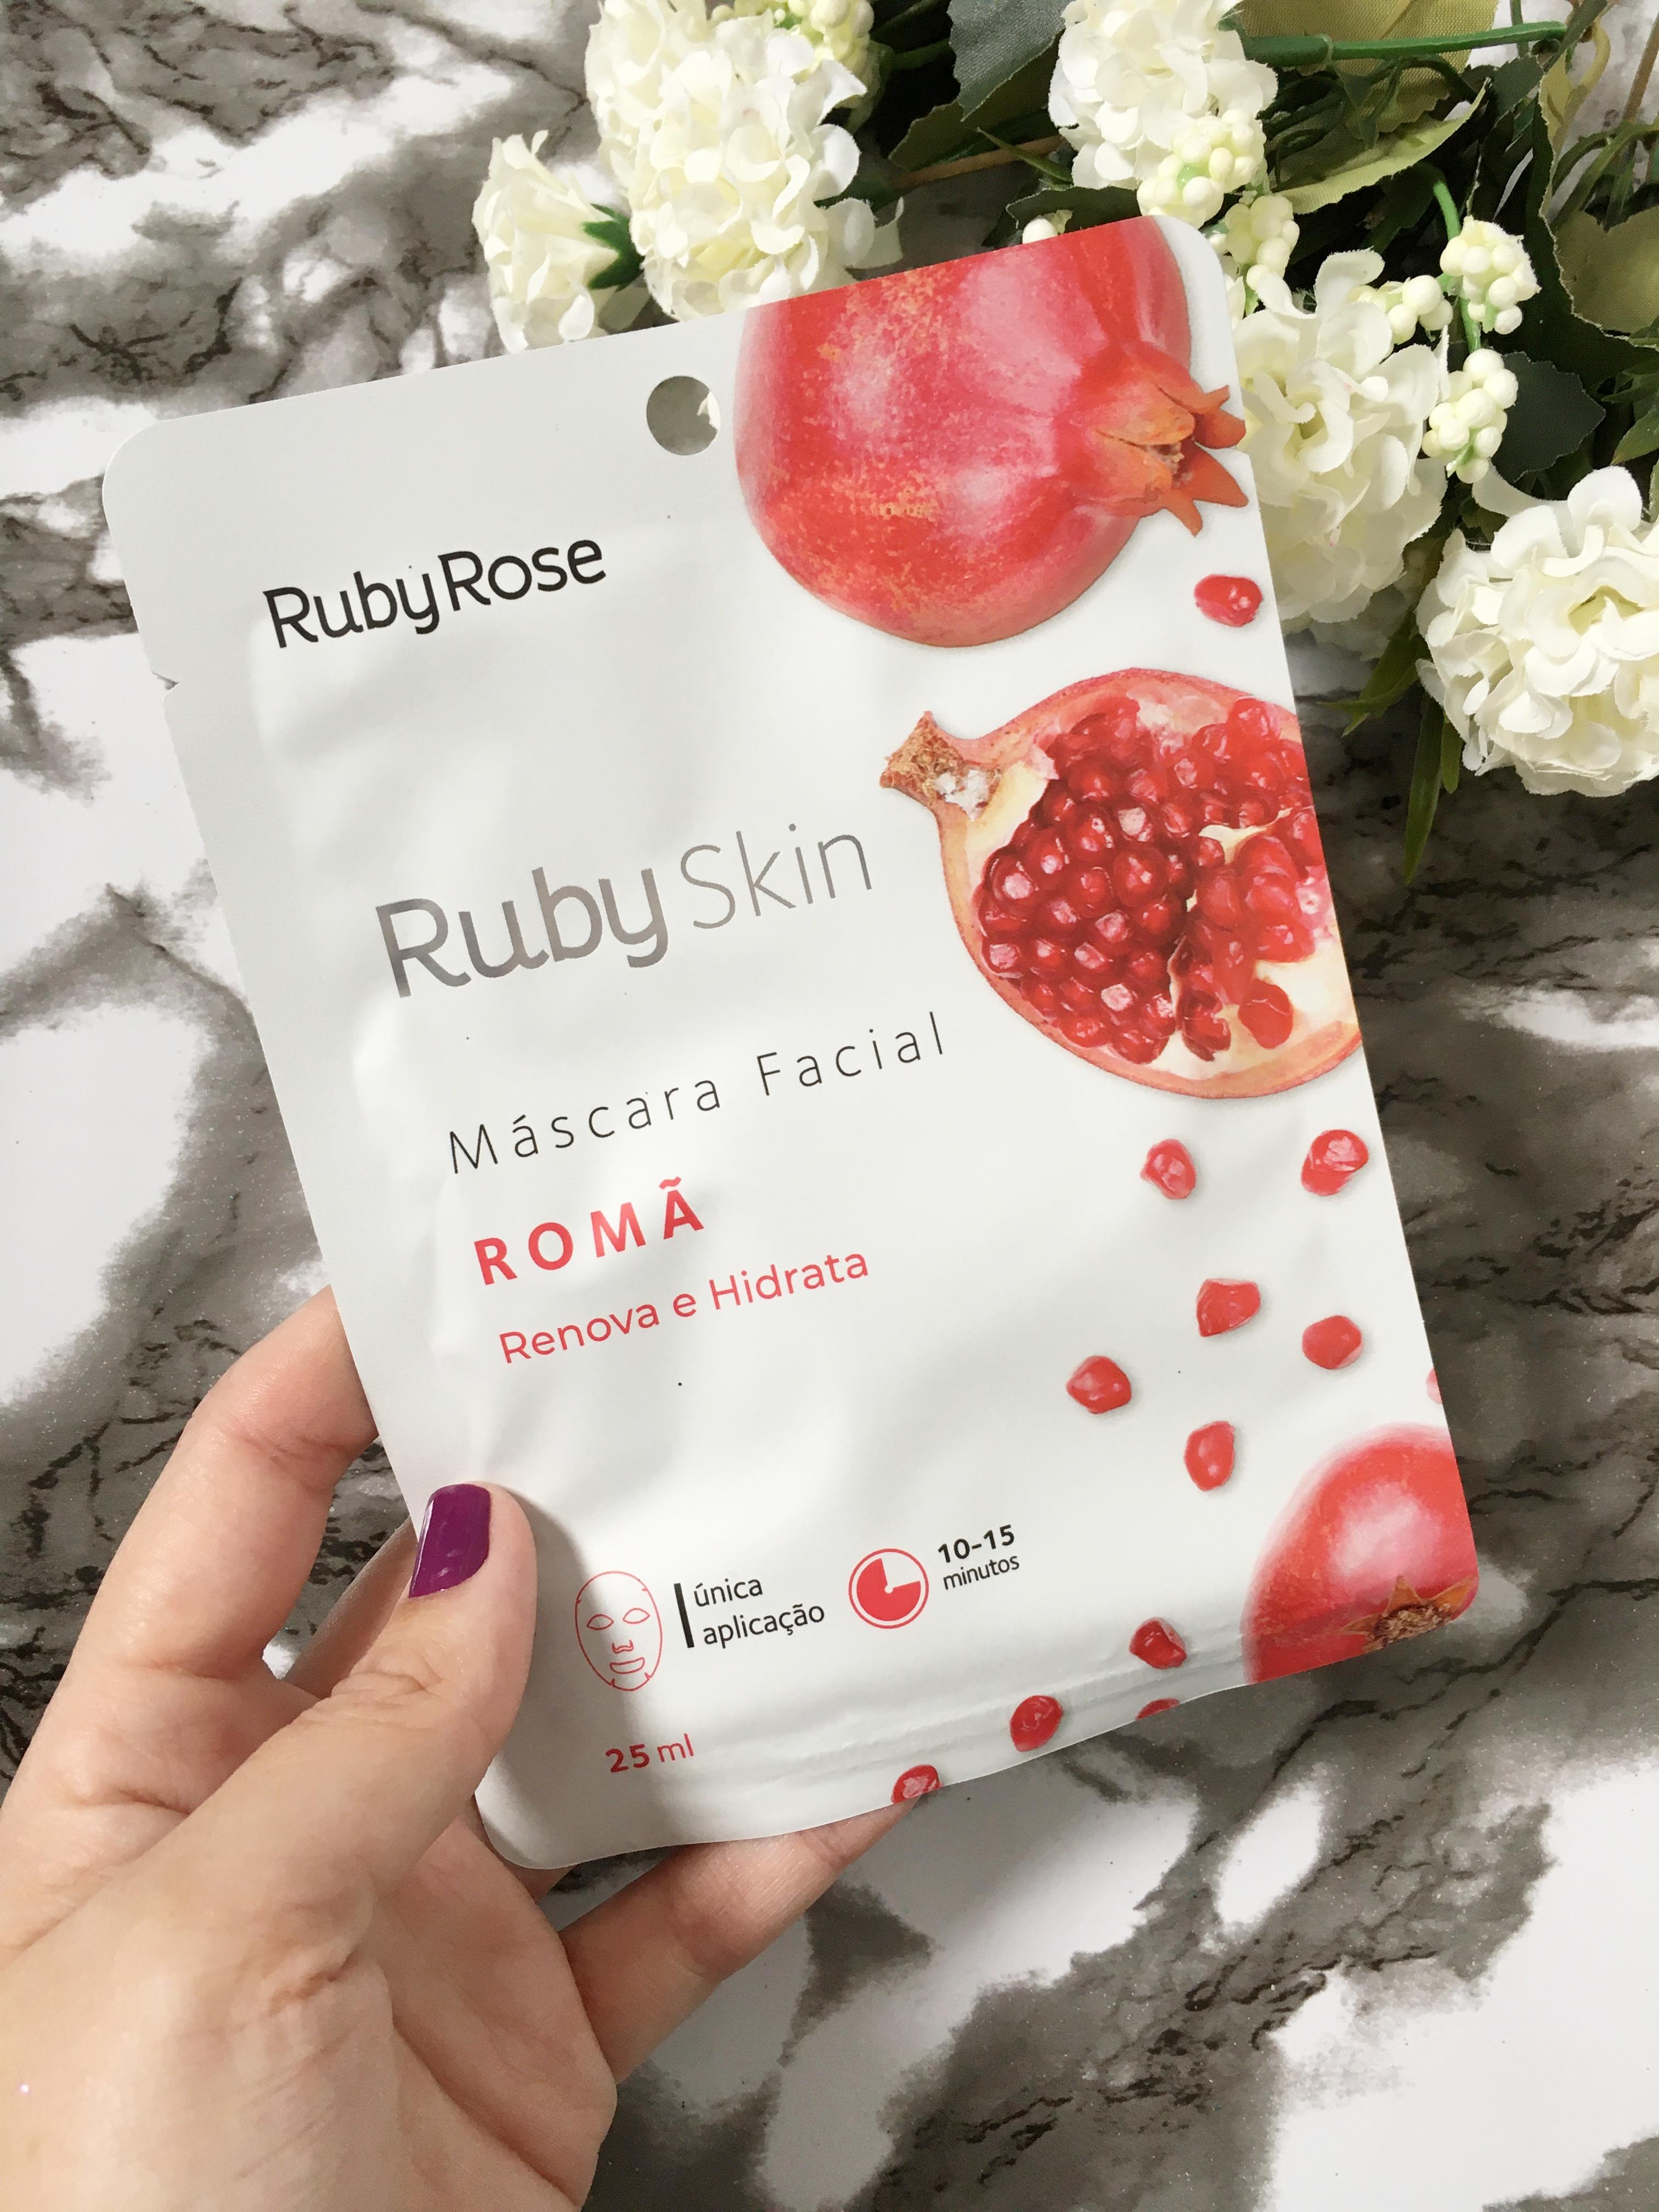 RESENHA: MÁSCARA FACIAL DE ROMÃ DA RUBY ROSE.